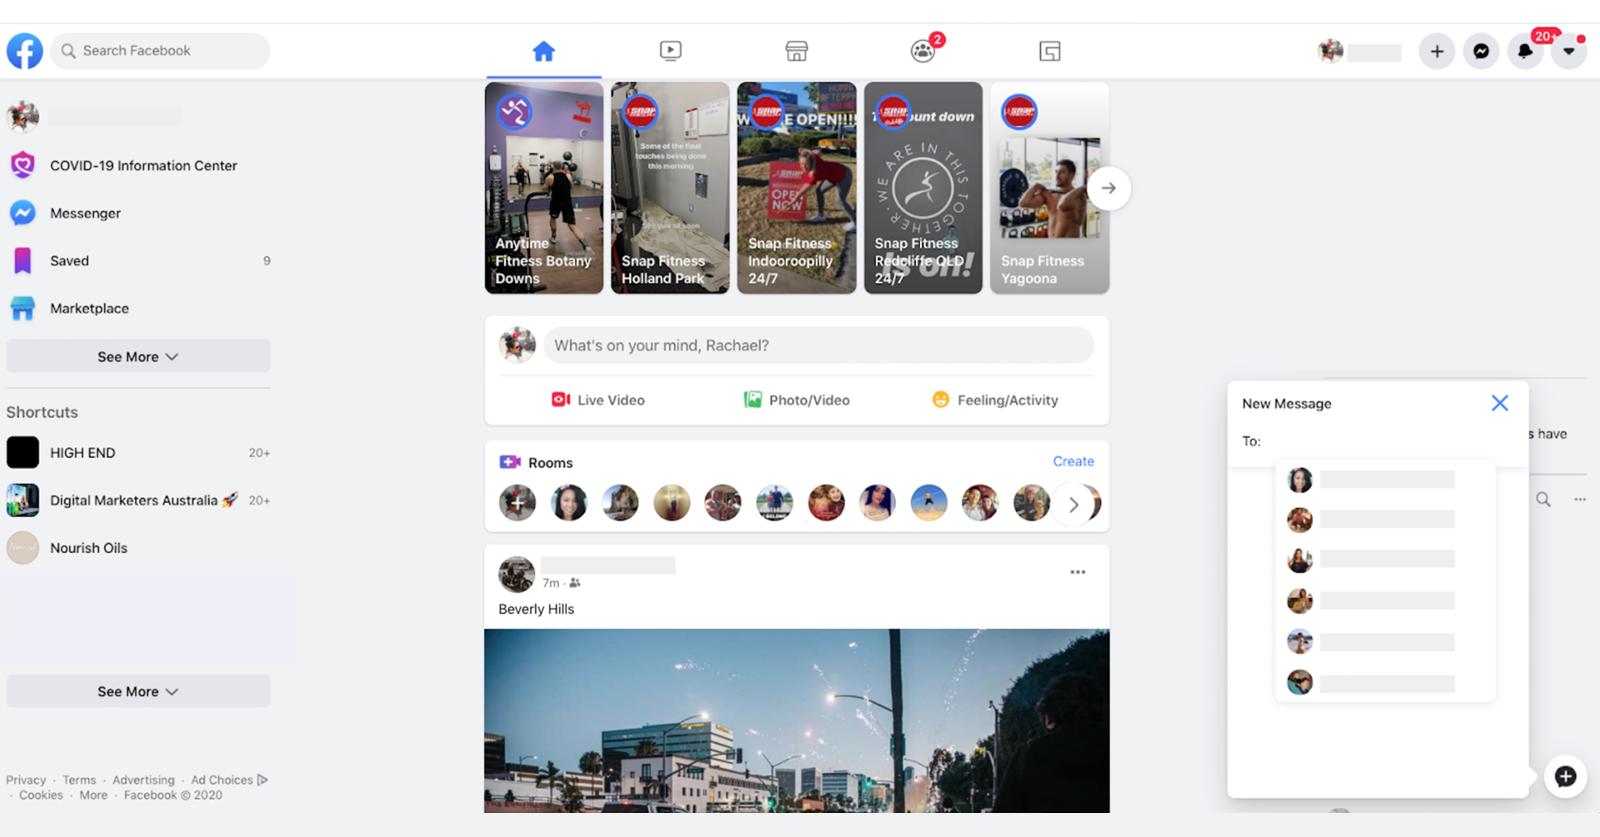 New Facebook Design